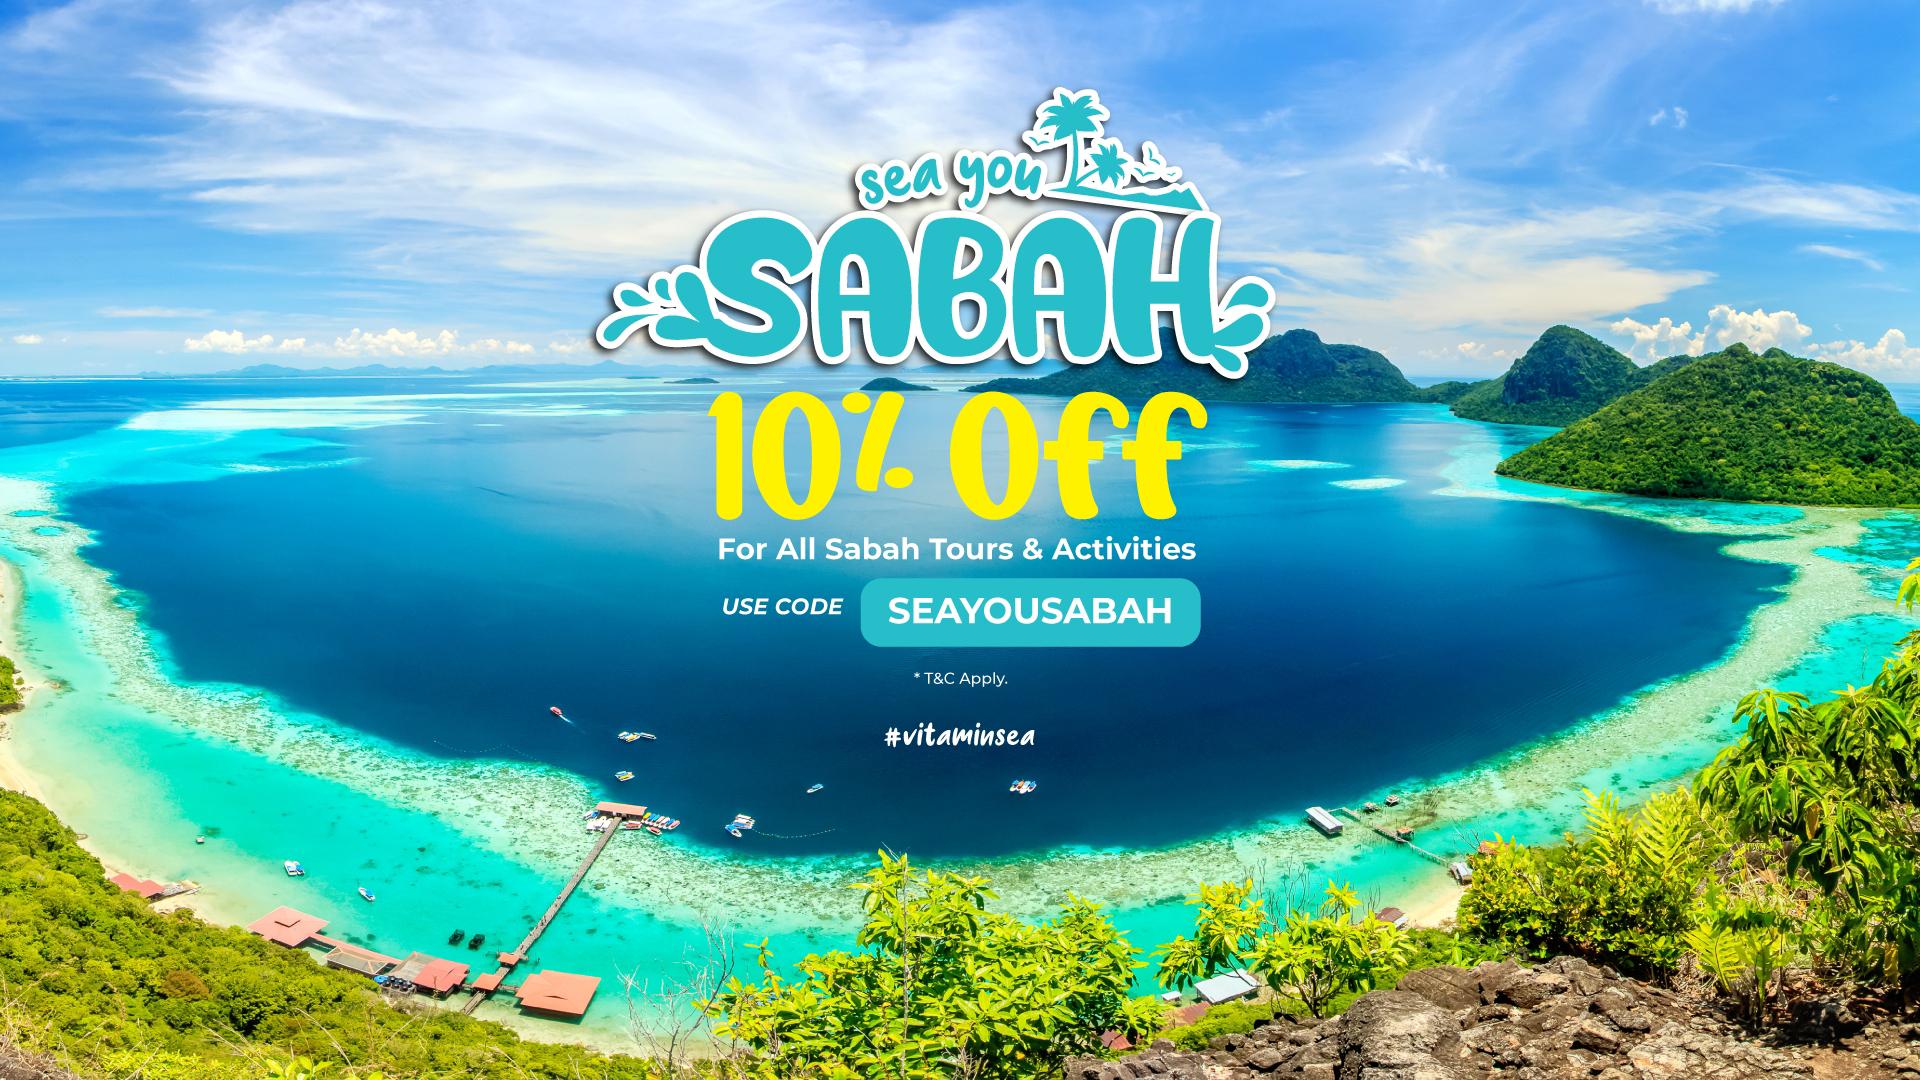 Sabah Tourism & Activity Promotion 2020